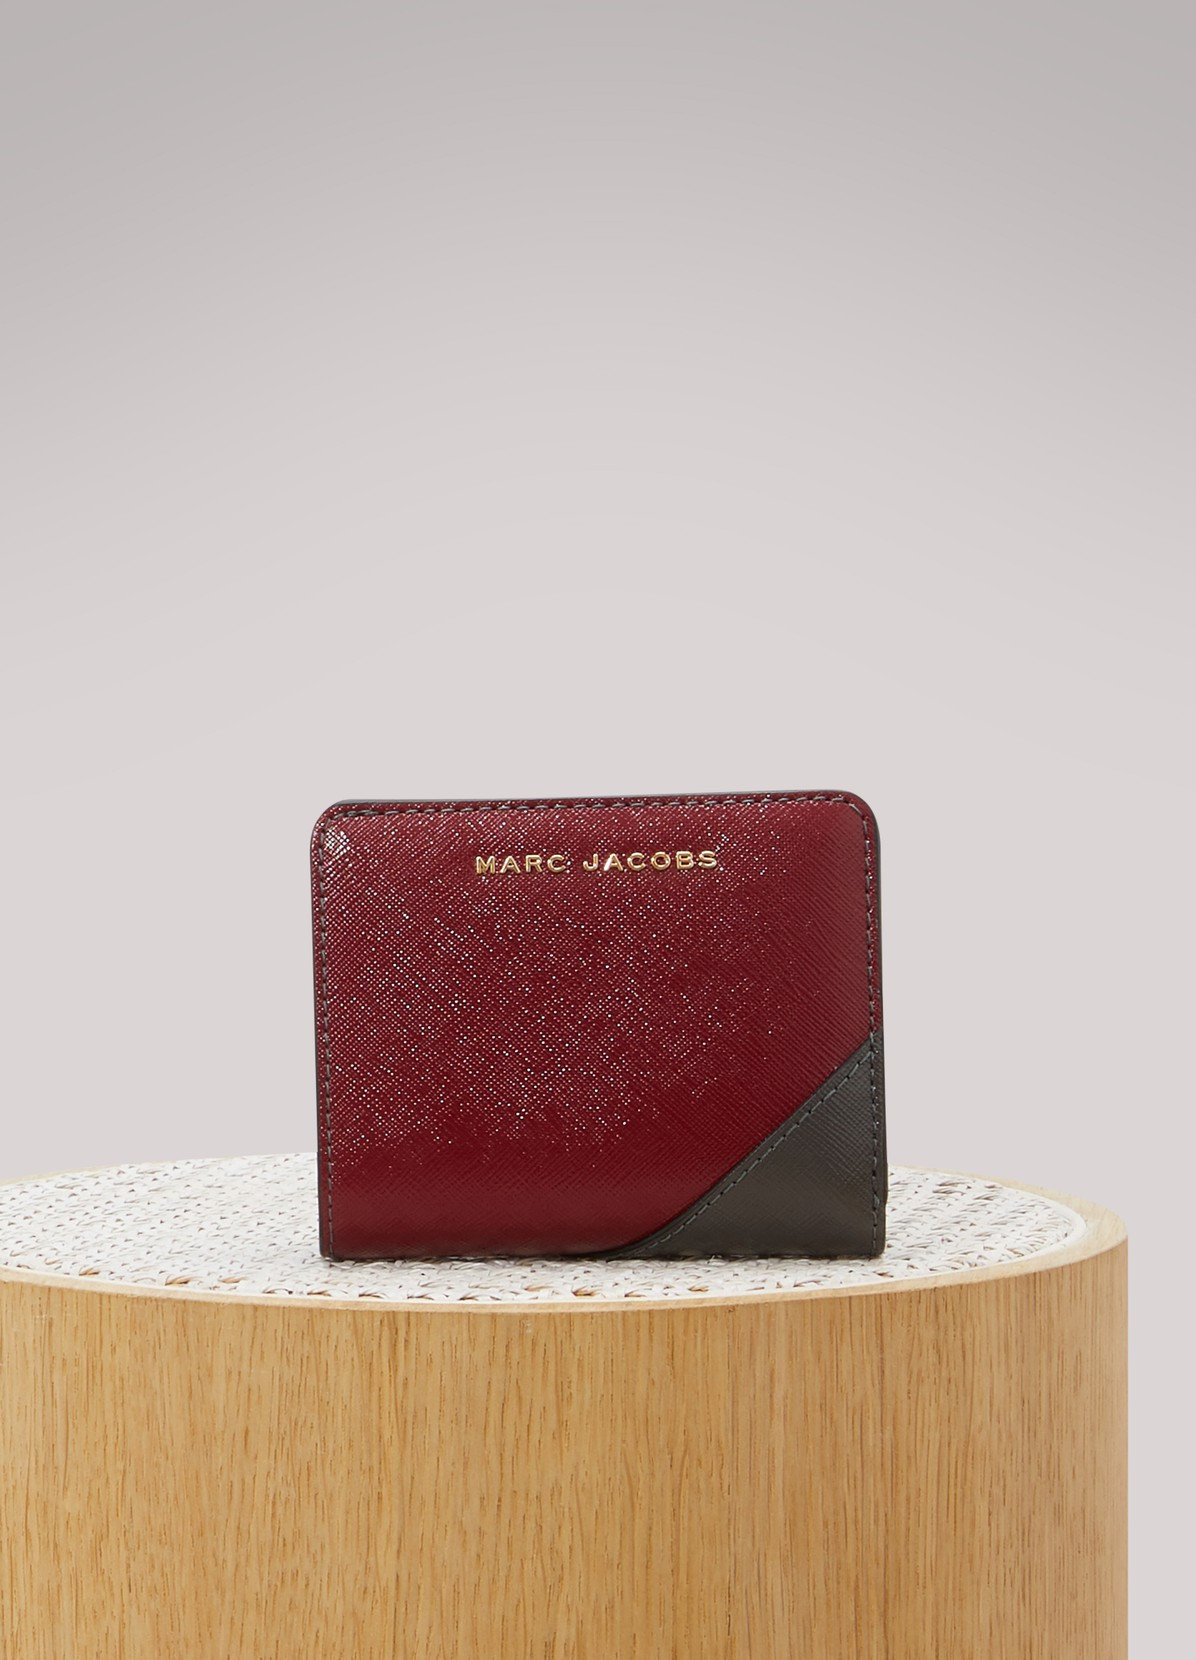 Mini Metal Letters Mesmerizing Saffiano Metal Letters Mini Compact Wallet  Marc Jacobs  24 Sèvres 2017